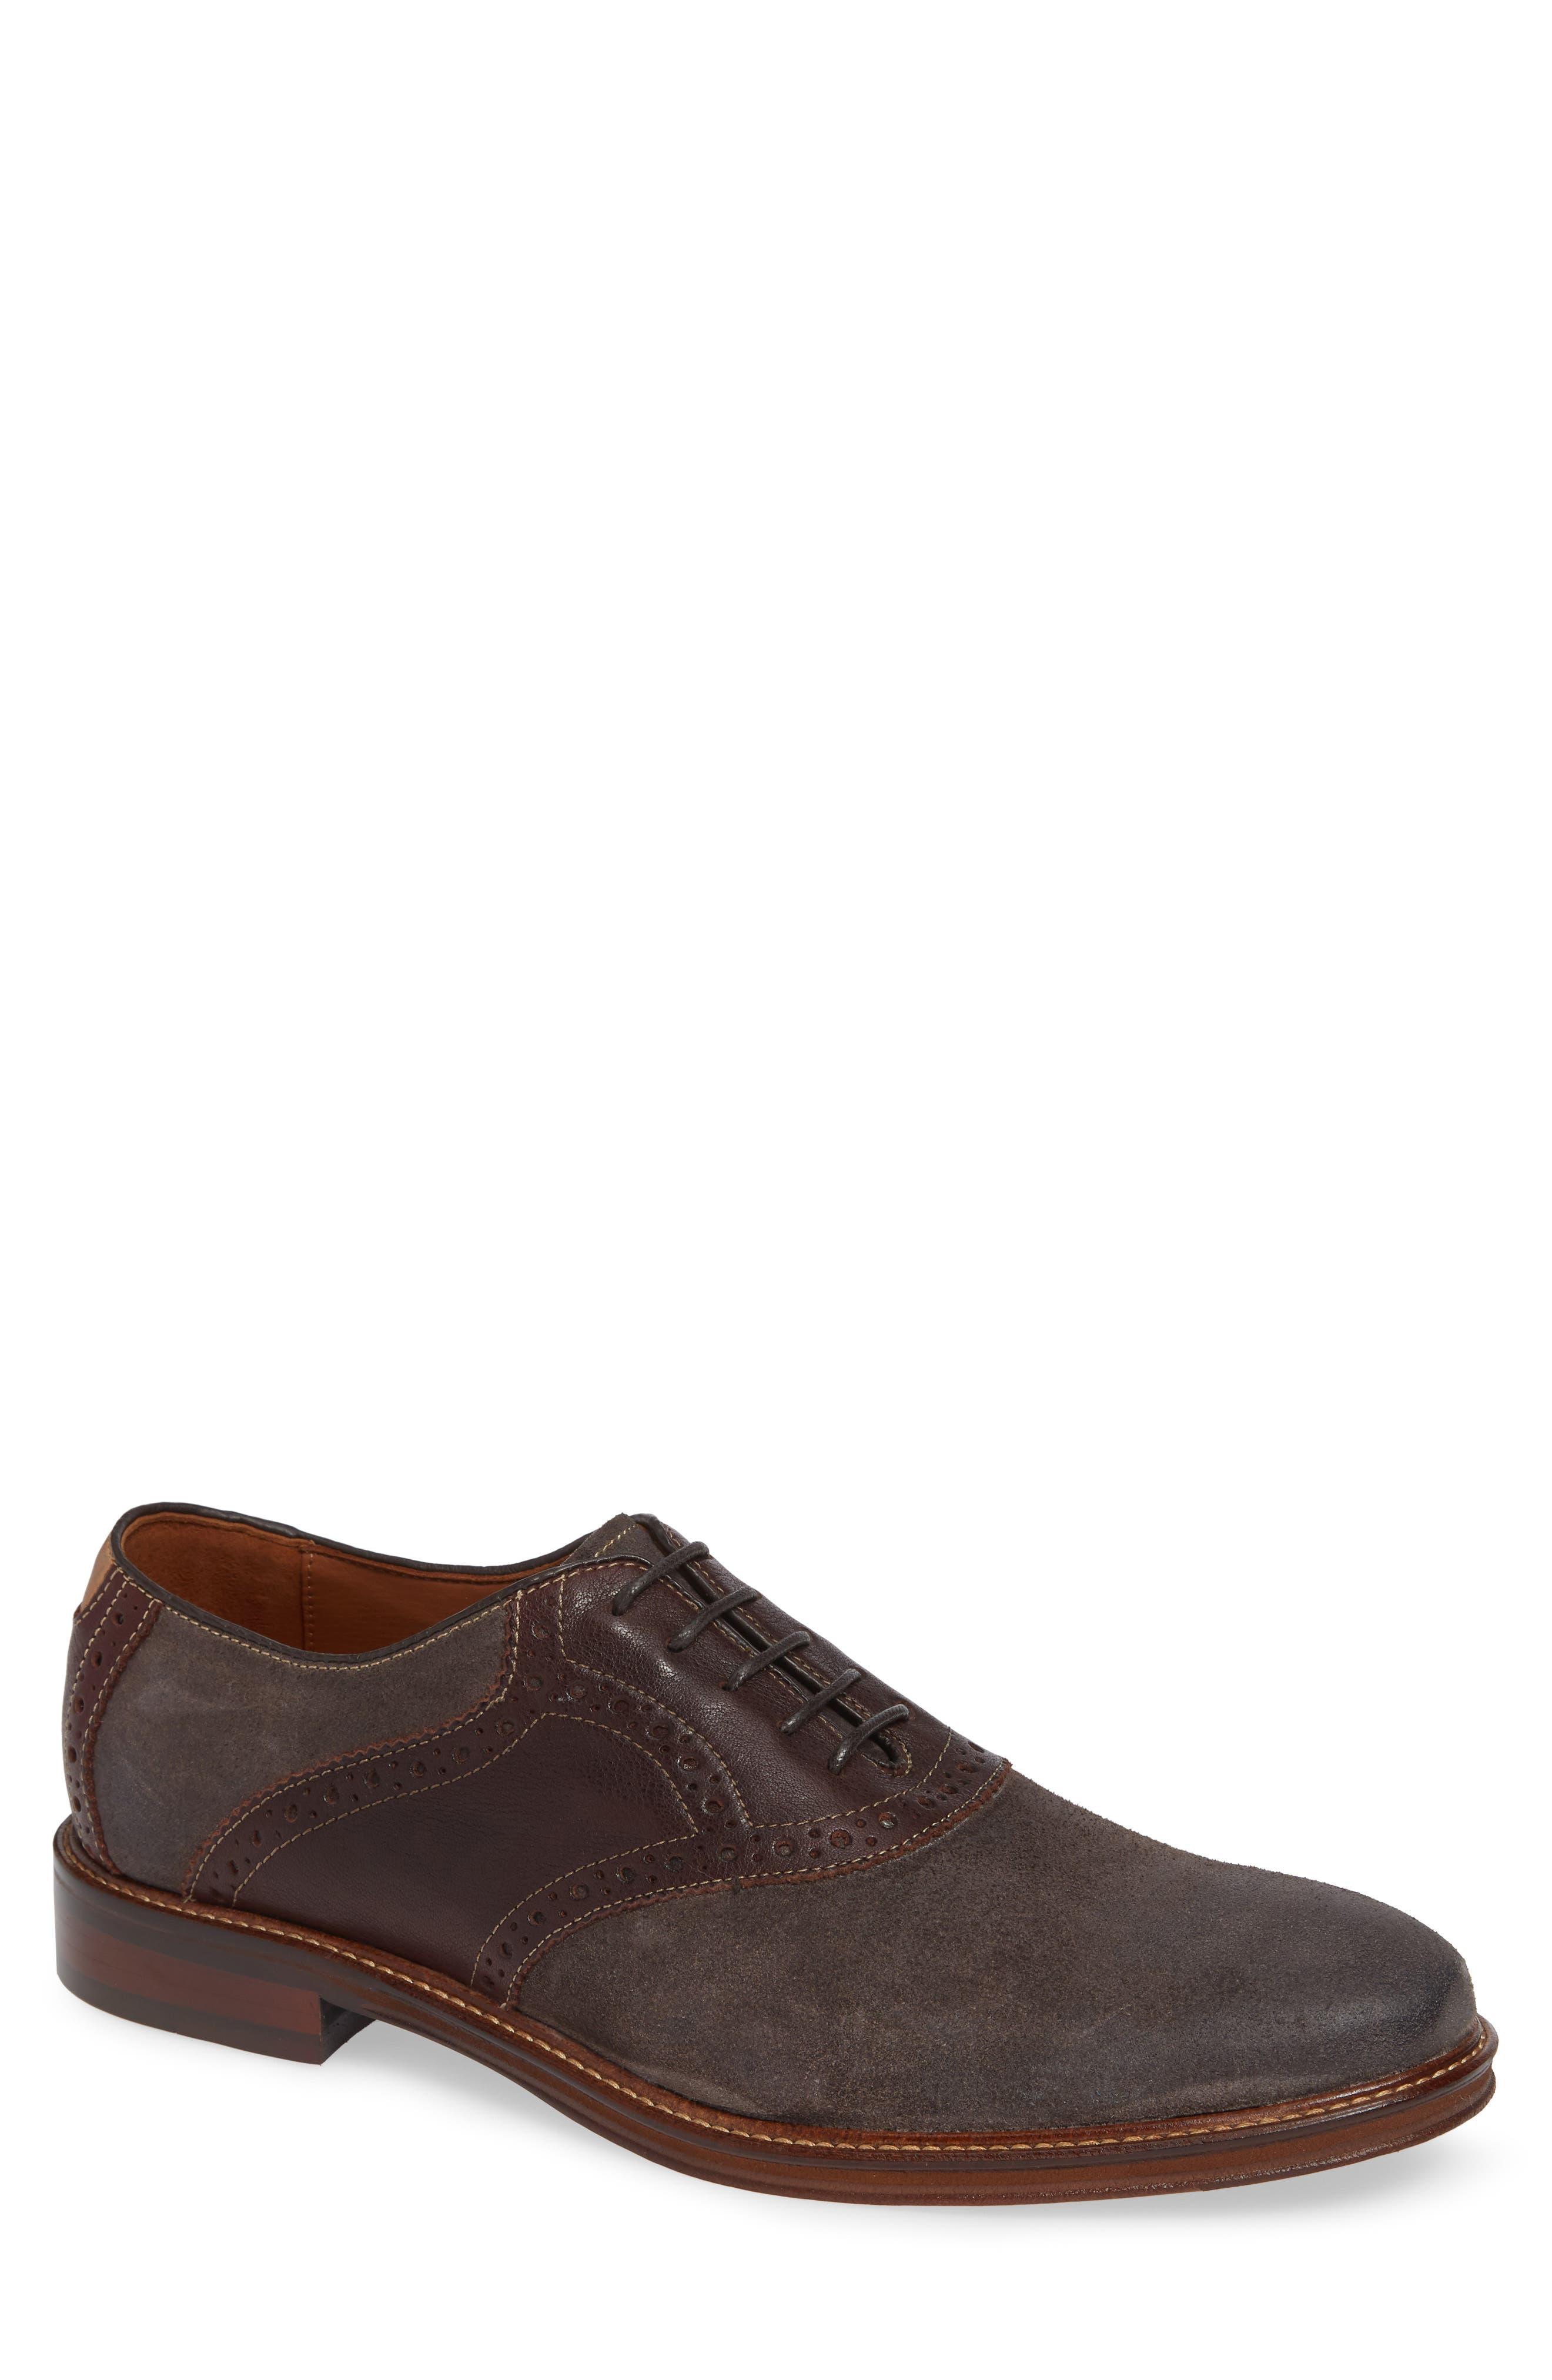 Warner Saddle Shoe,                         Main,                         color, DARK GREY SUEDE